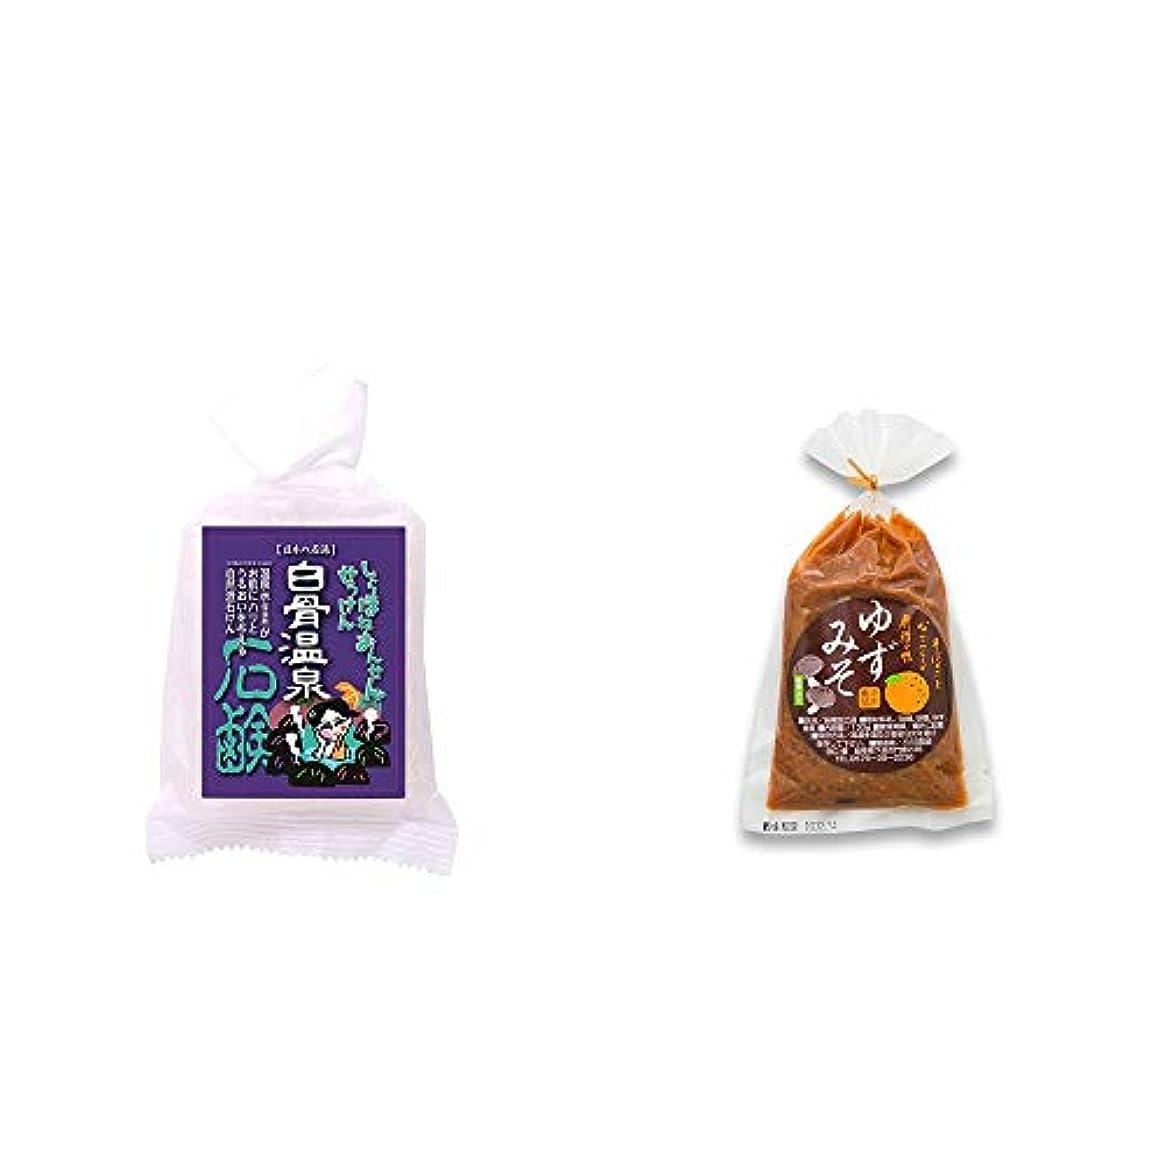 相続人スキニー酸っぱい[2点セット] 信州 白骨温泉石鹸(80g)?ゆずみそ(130g)